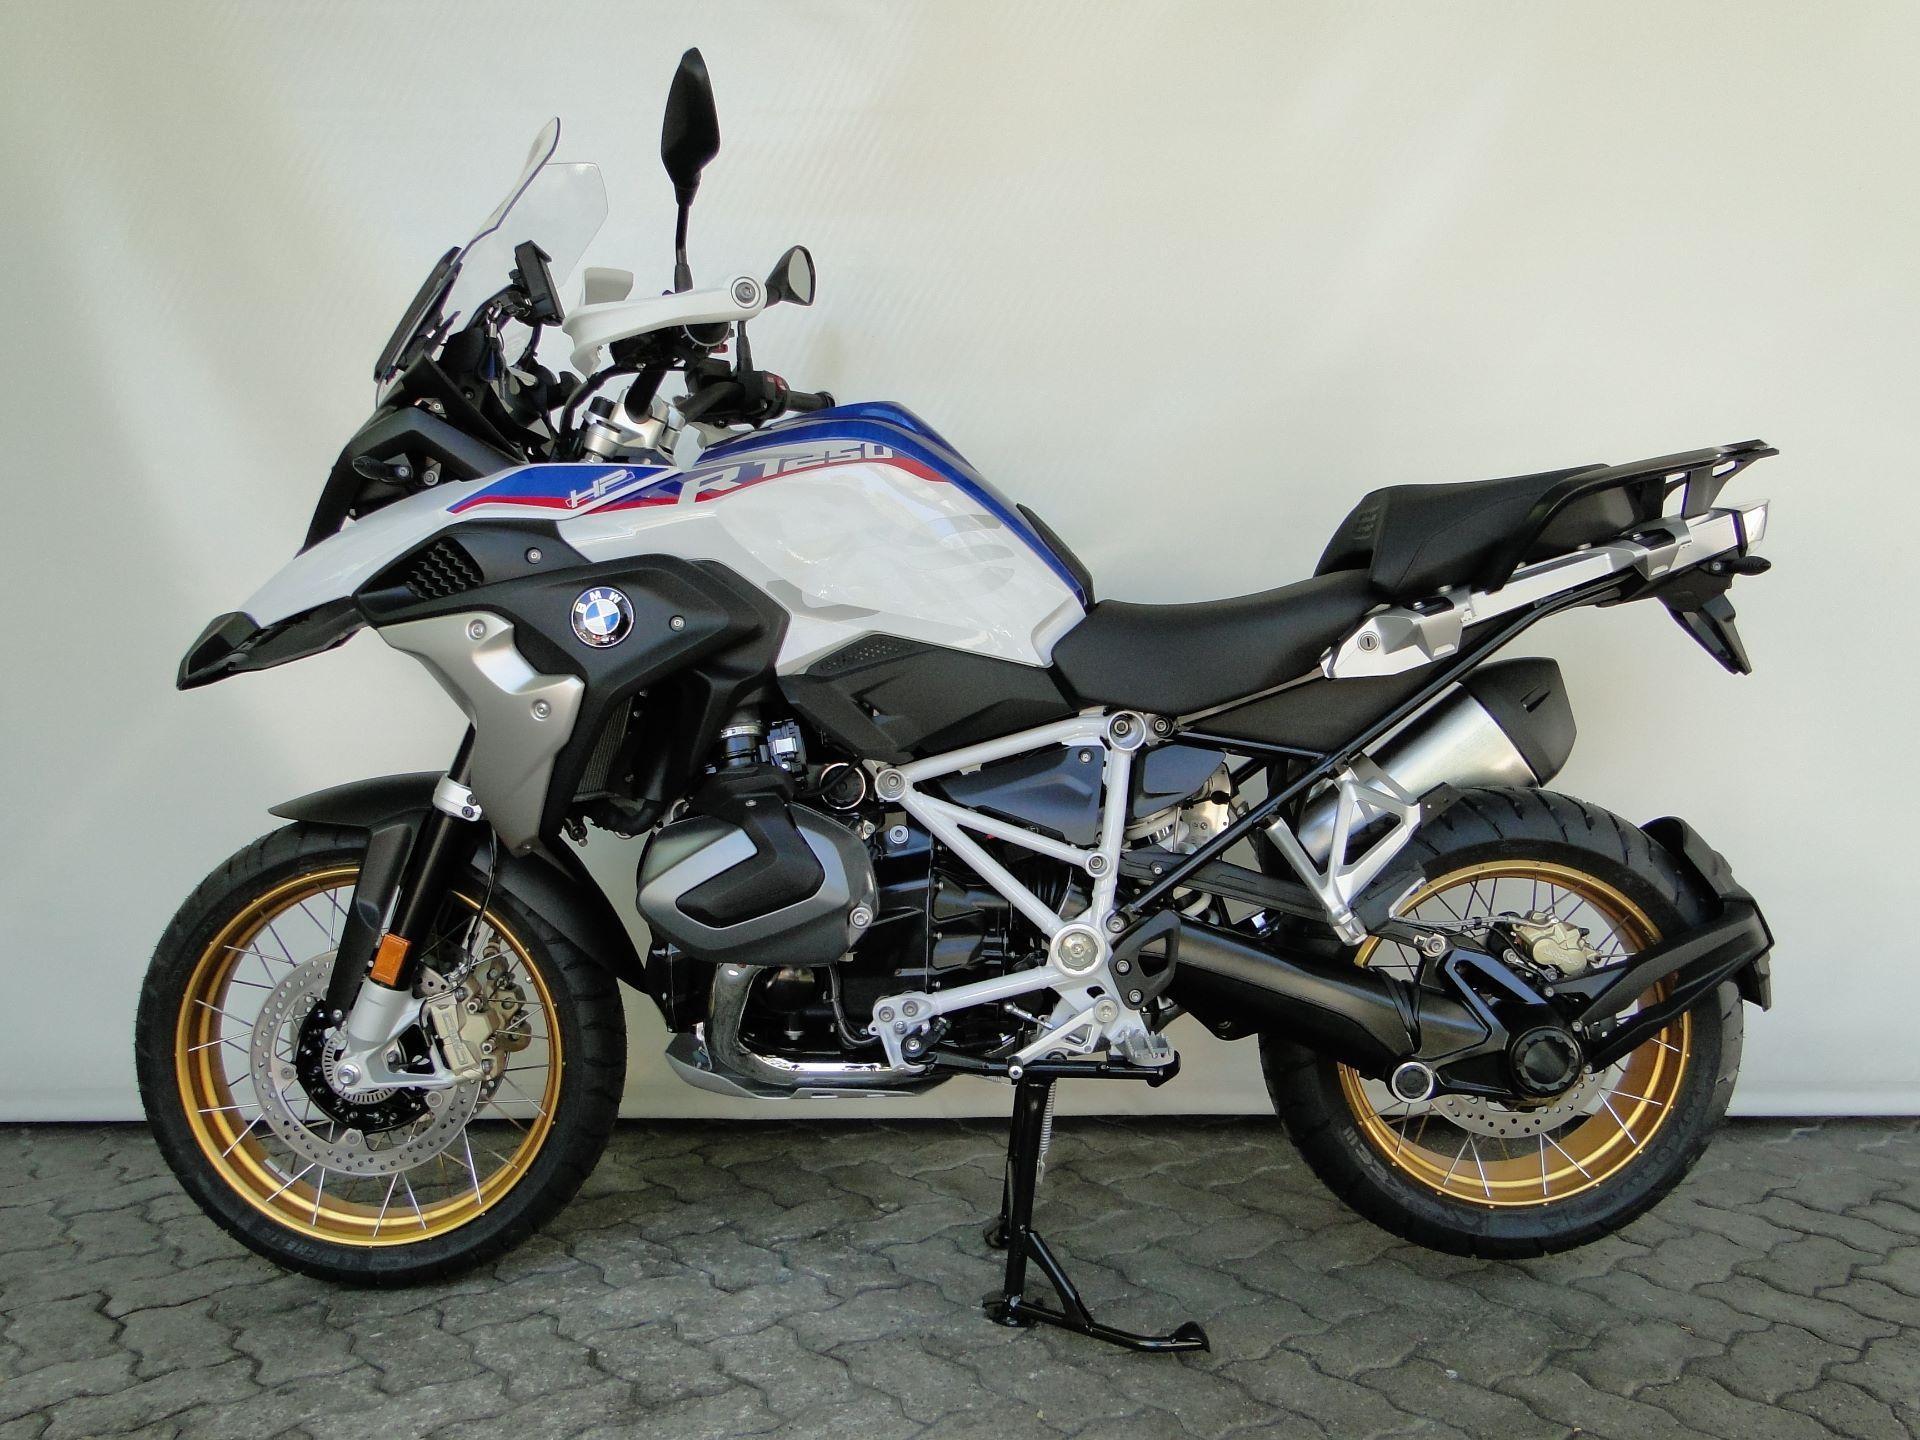 buy motorbike demonstration model bmw r 1250 gs hp motorsport neu hobi moto ag winterthur. Black Bedroom Furniture Sets. Home Design Ideas